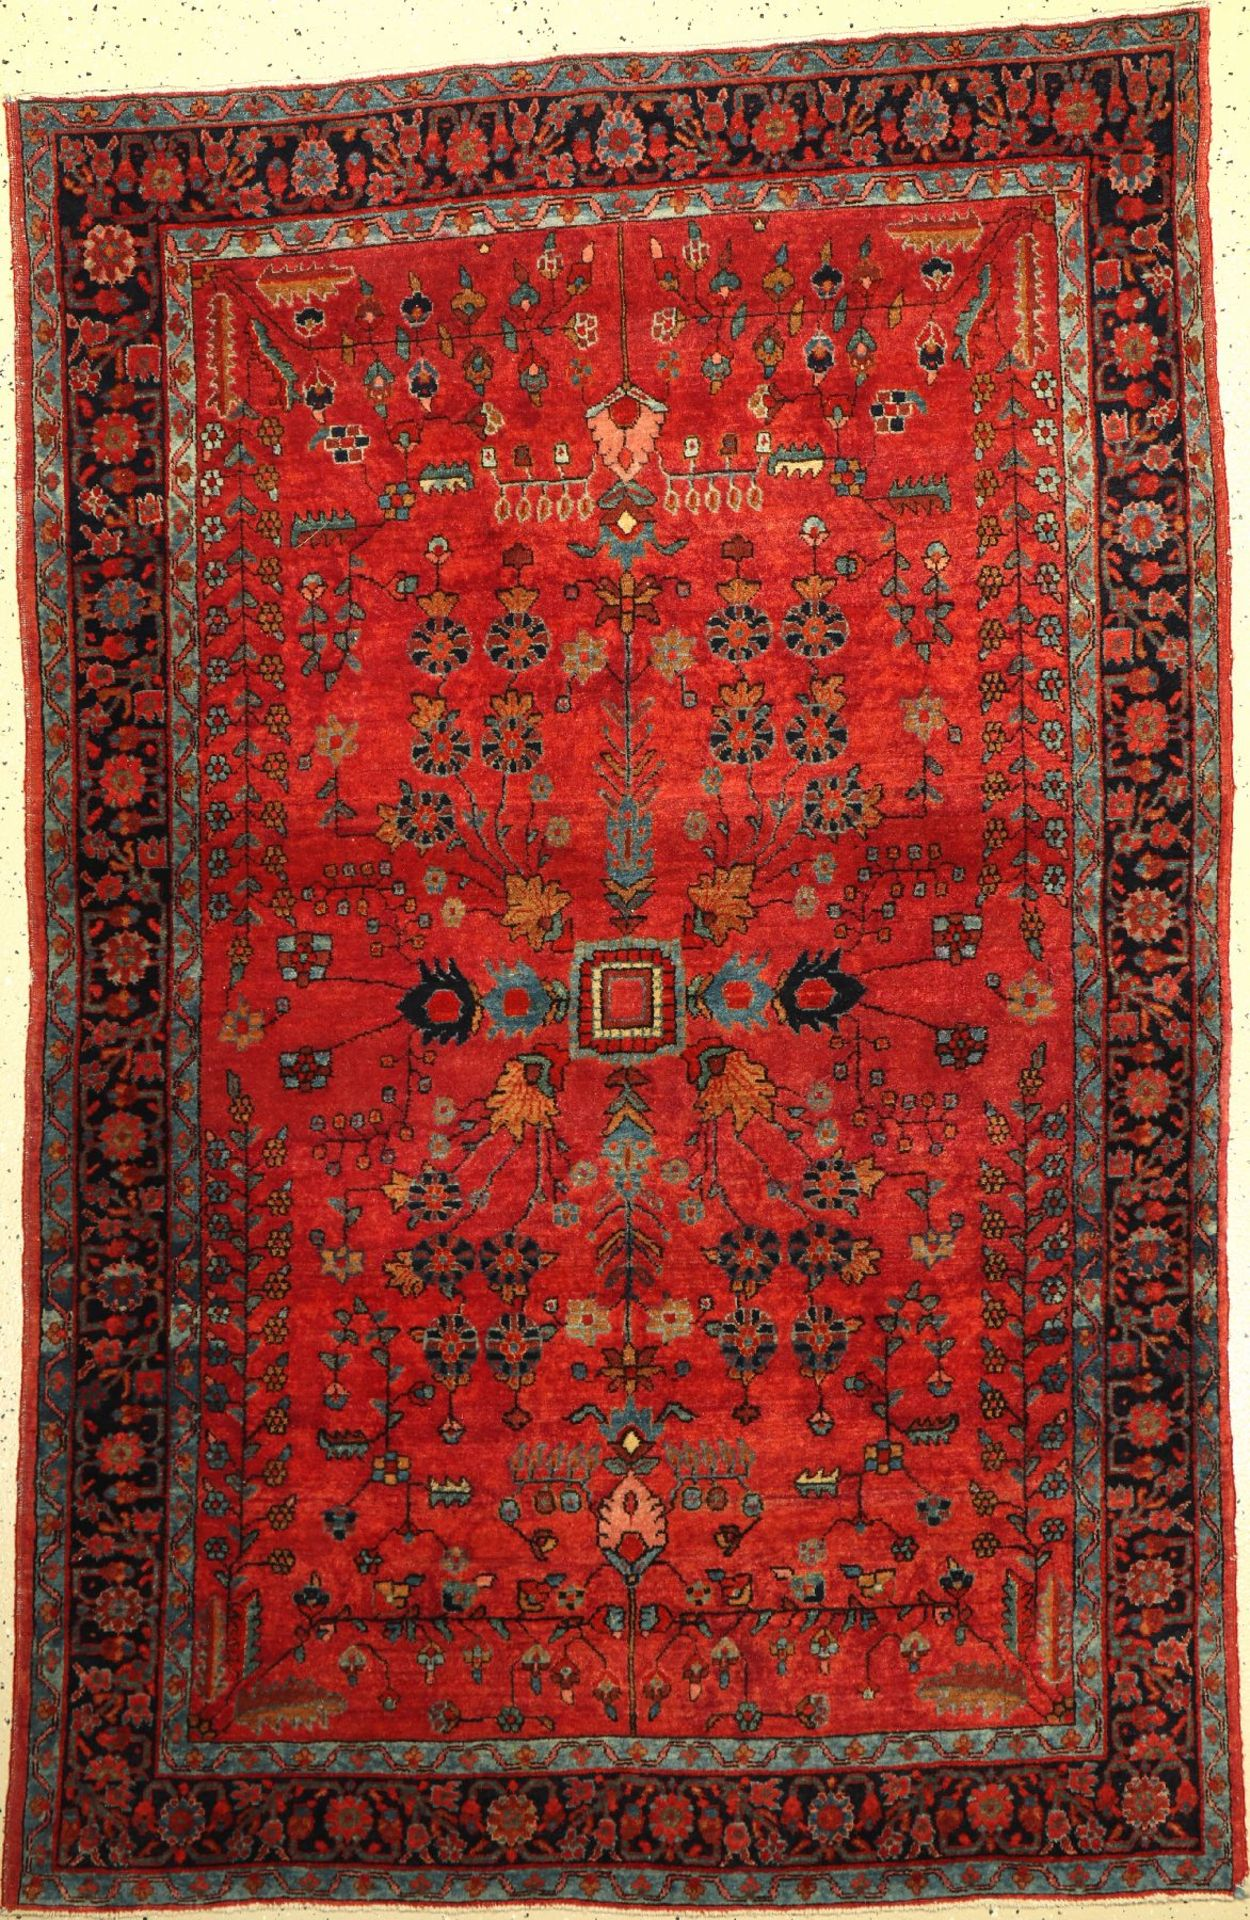 Sarogh (US Re-Import) antik, Persien, um 1910, Wolle auf Baumwolle, ca. 201 x 130 cm, EHZ: 3, (